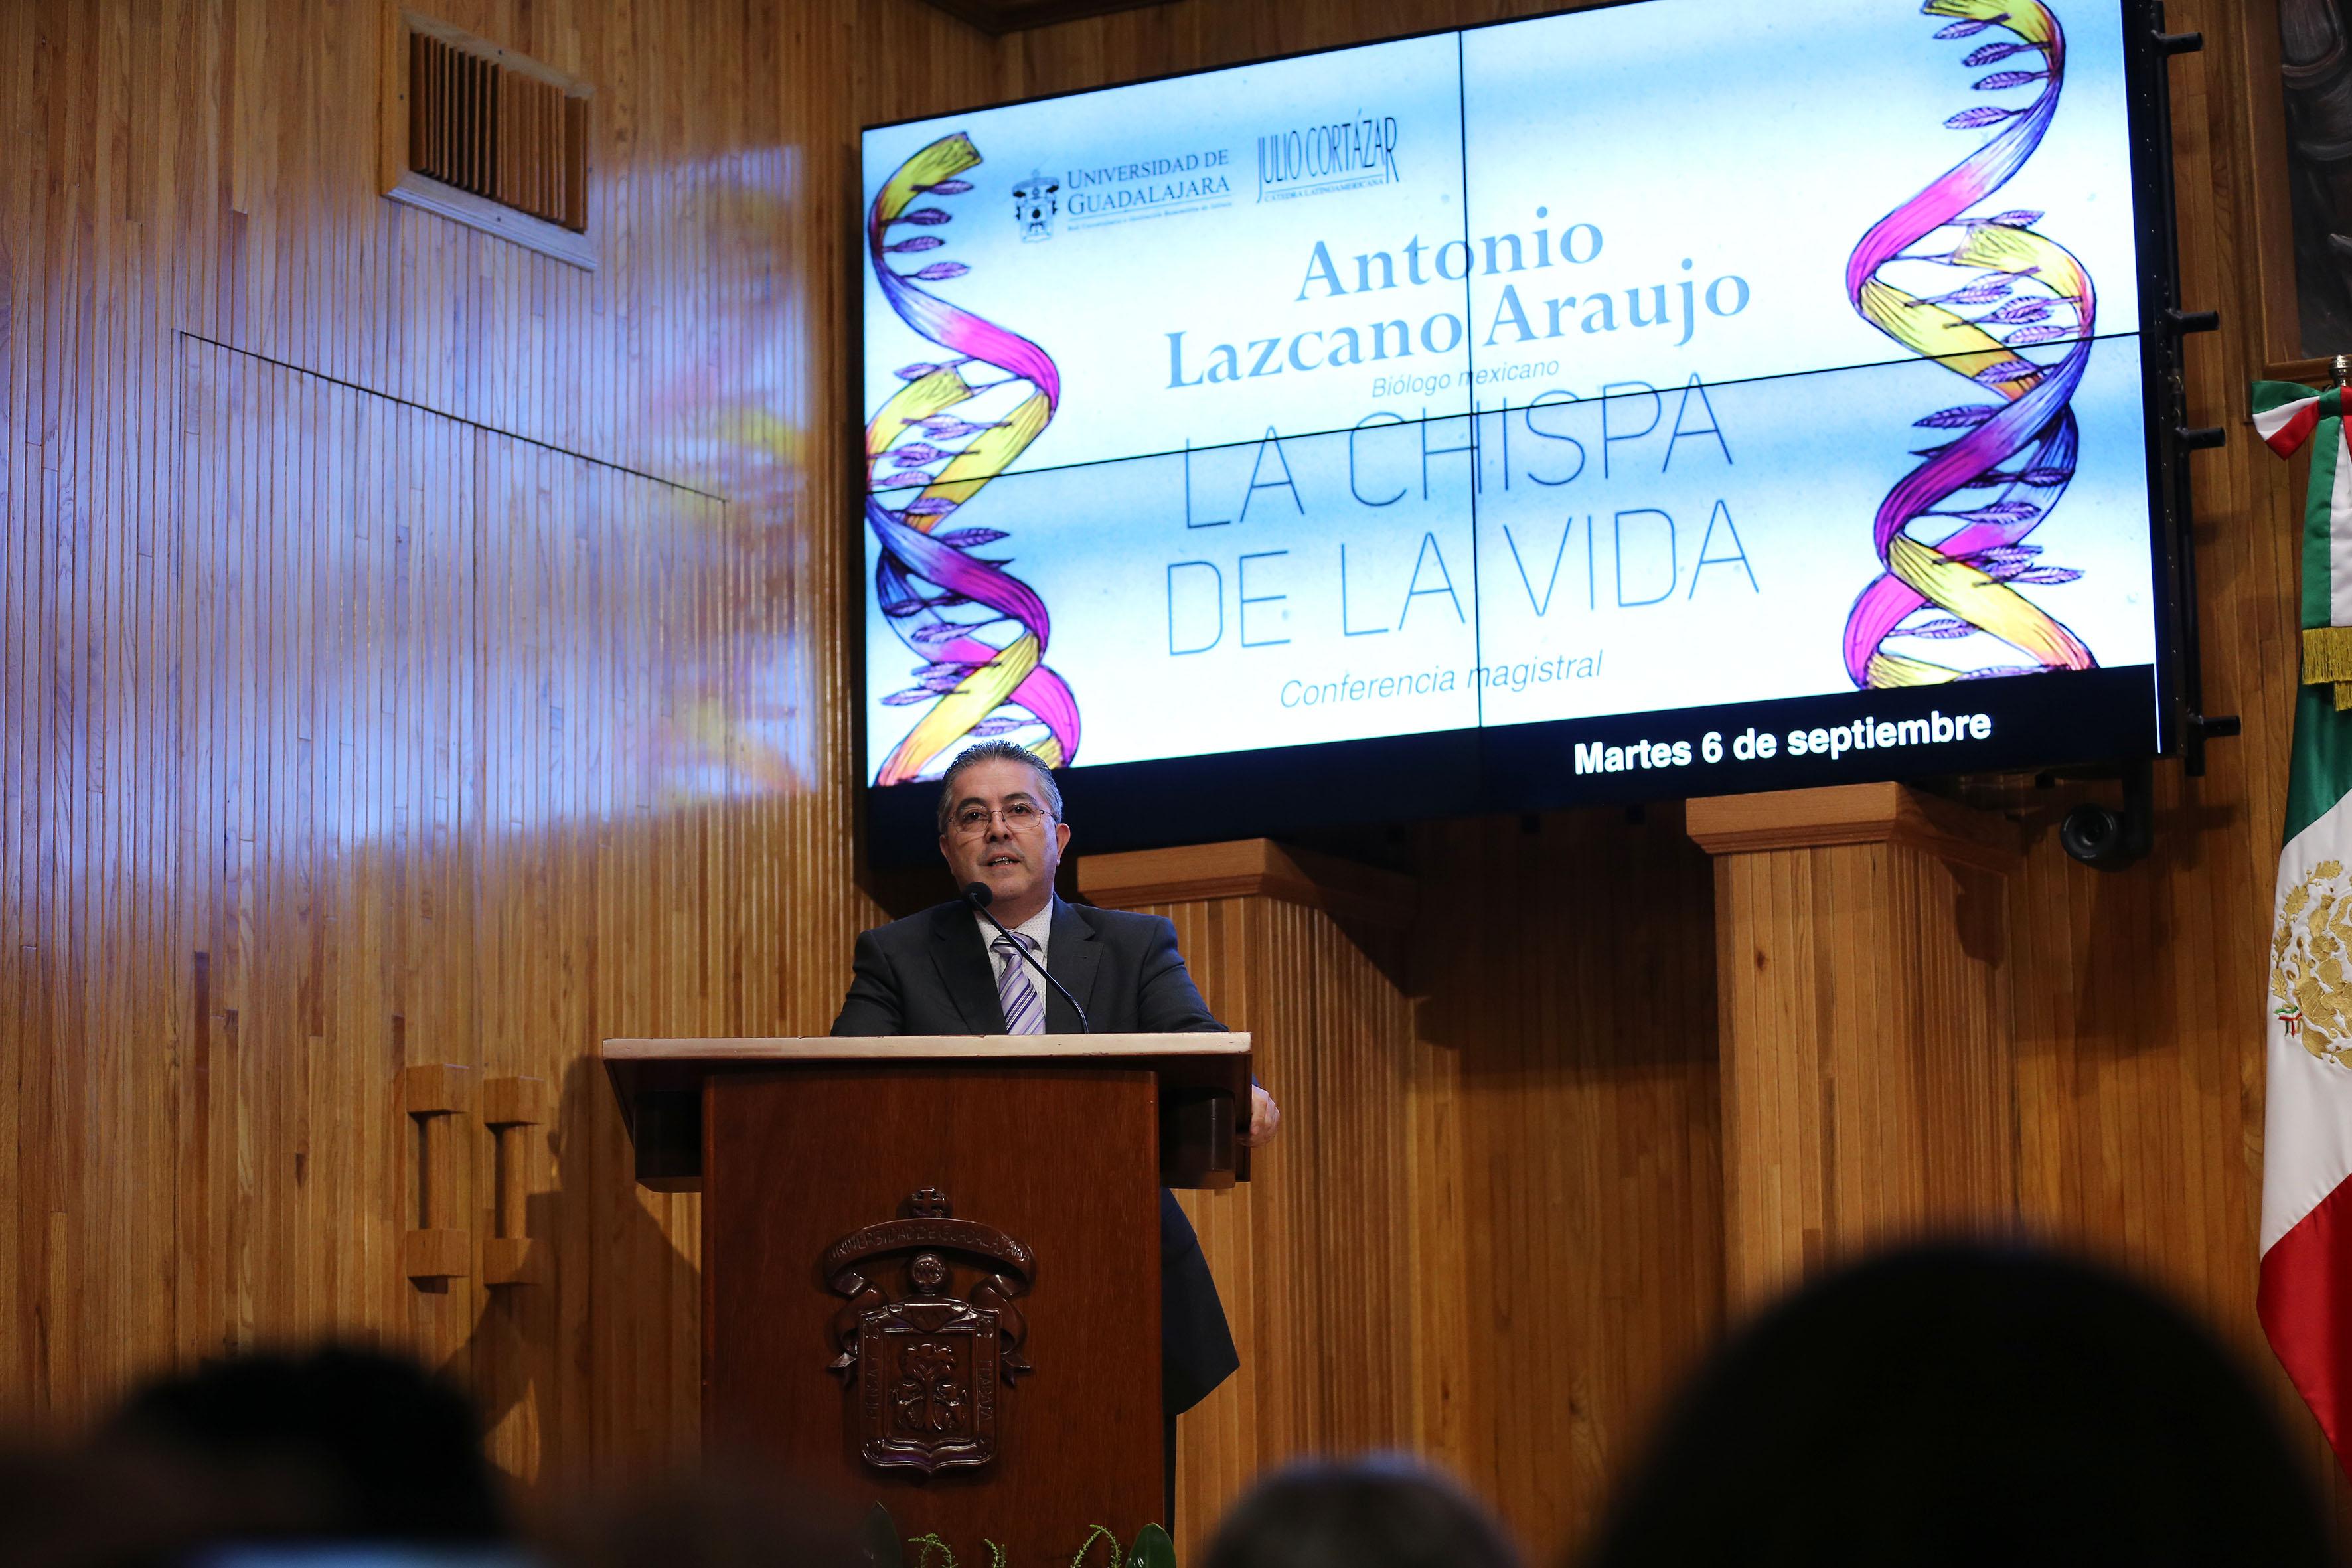 Miembro del presídium, participando en la conferencia magistral, impartida en el paraninfo Enrique Díaz de León